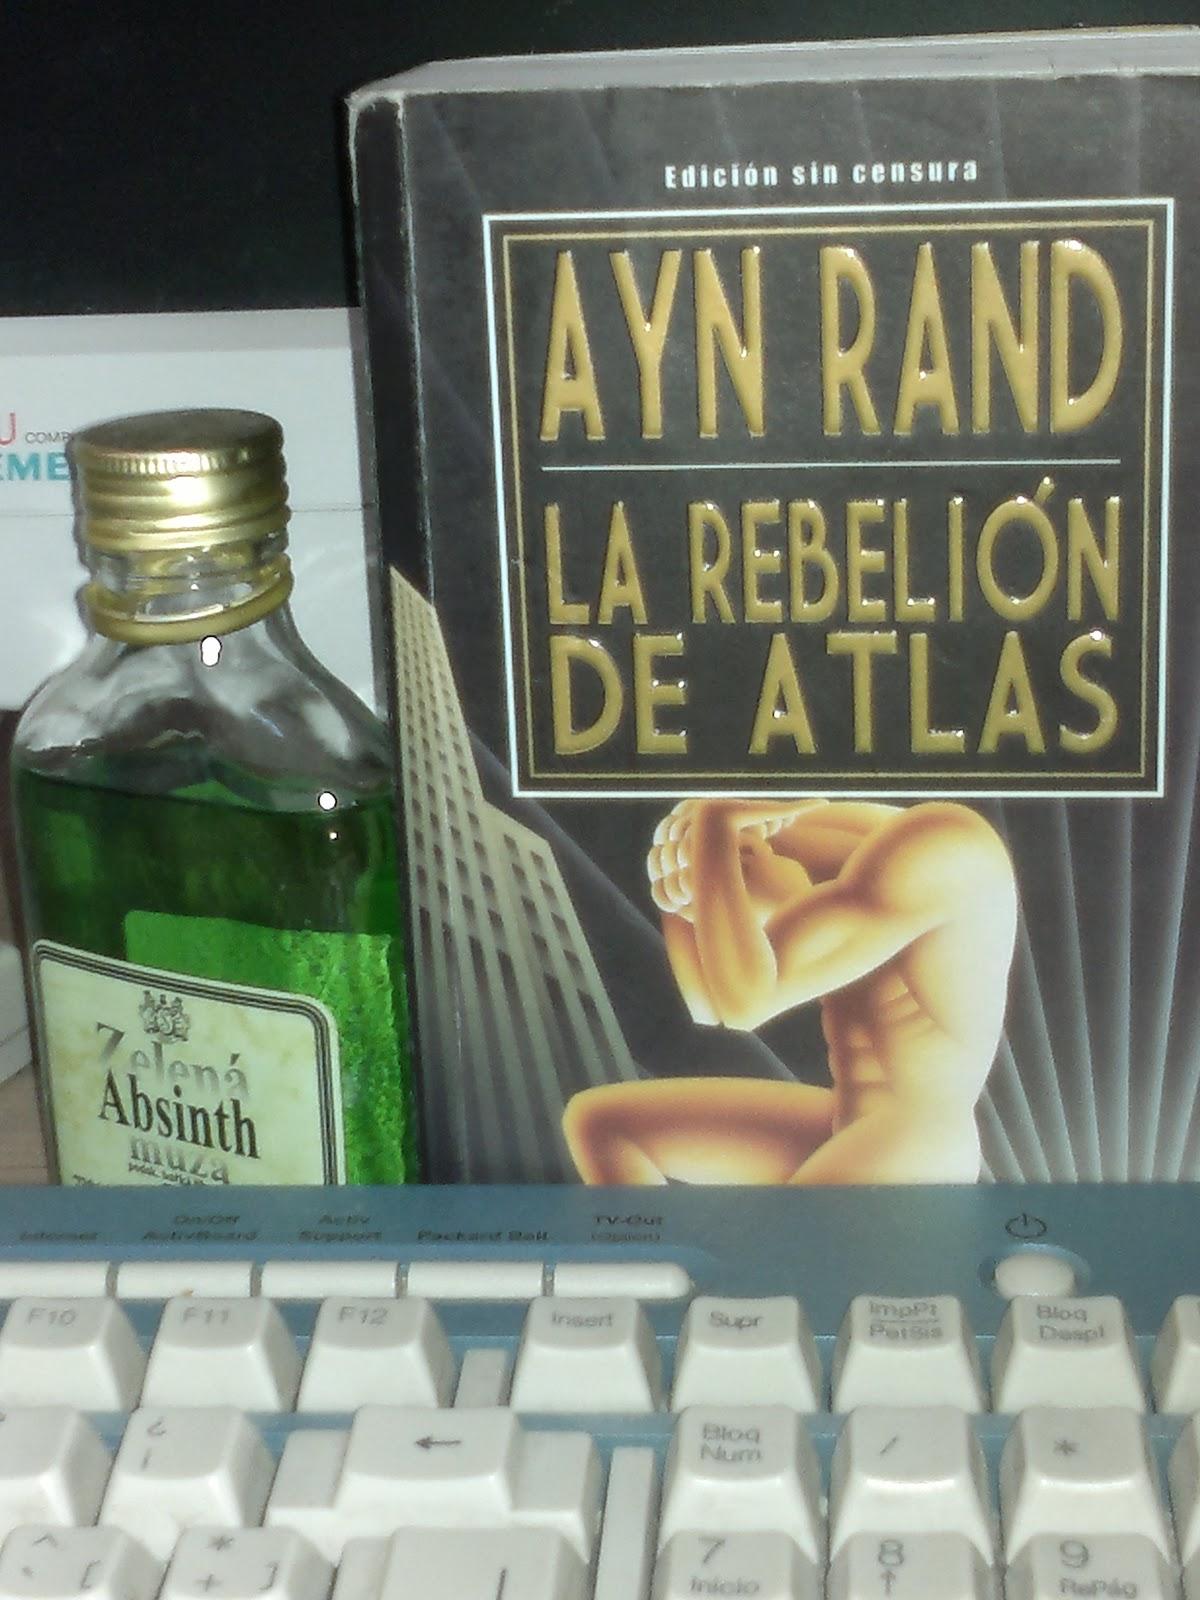 CULTURA BARATA QUE SALE CARA: LA REBELIÓN DE ATLAS (por Ayn Rand)